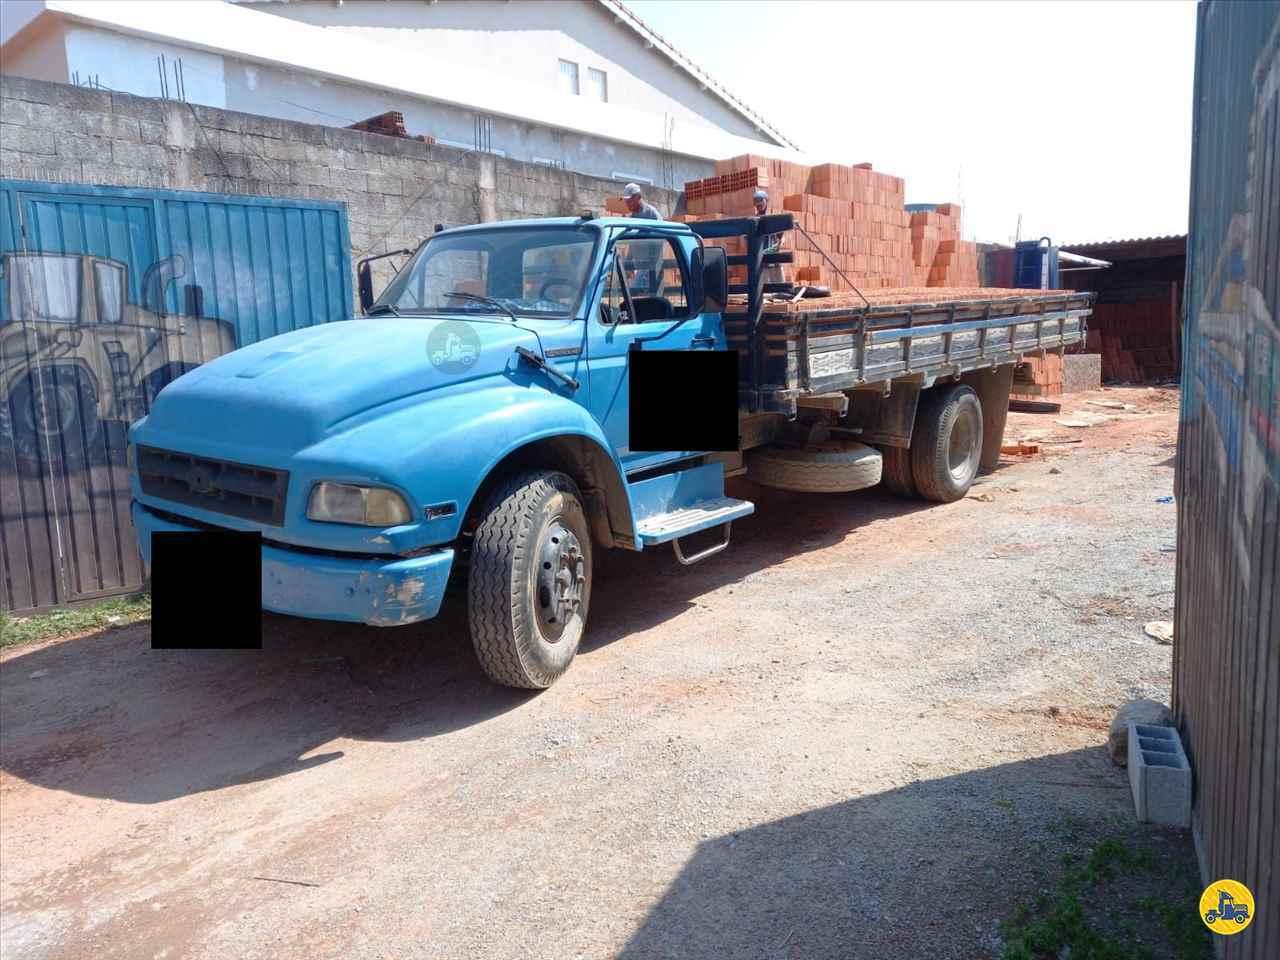 CAMINHAO FORD F12000 Carga Seca Toco 4x2 Wilson Caminhões RIBEIRAO PIRES SÃO PAULO SP